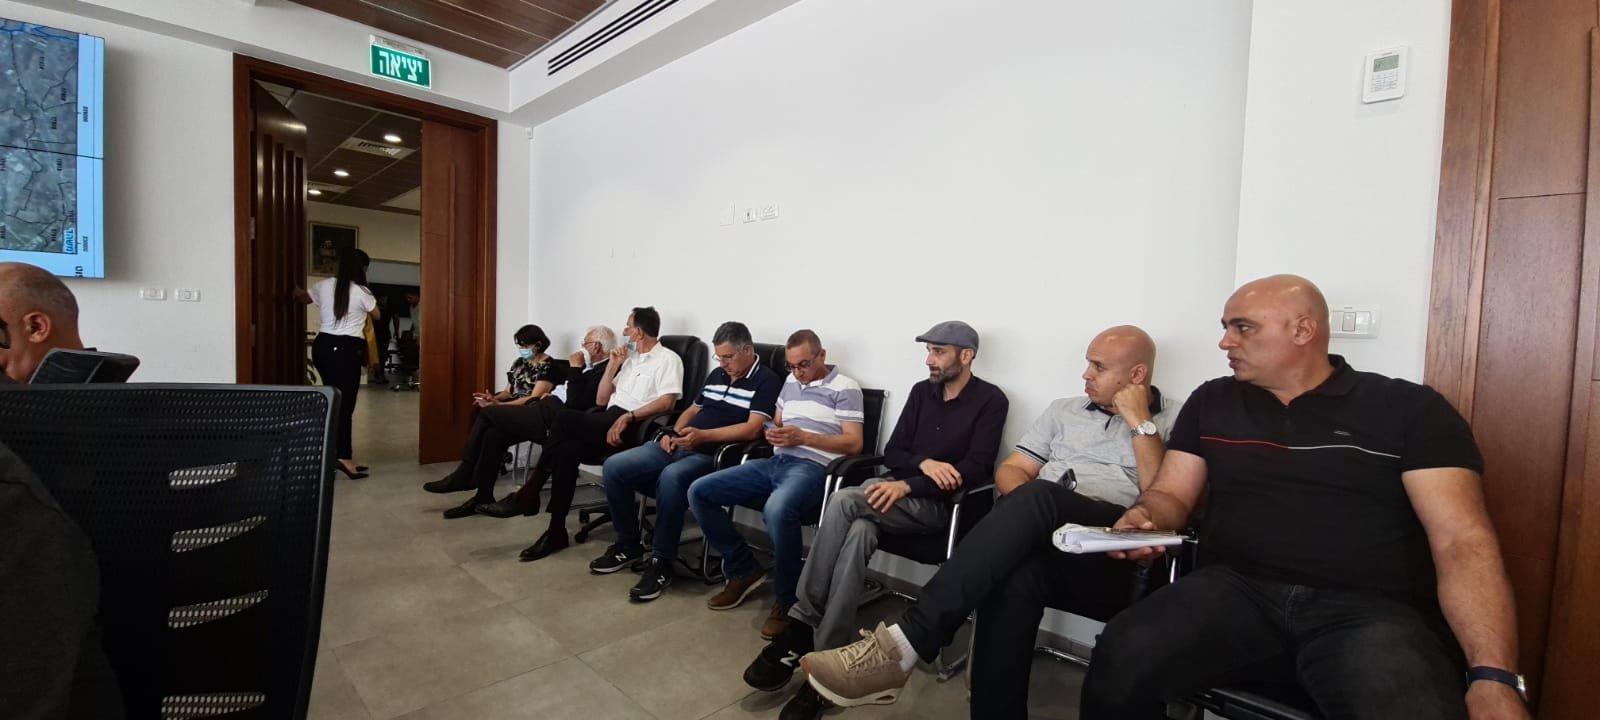 مباشر من الناصرة- على سلام: أعدنا أرض شبرينسك دون تبديل أراضي